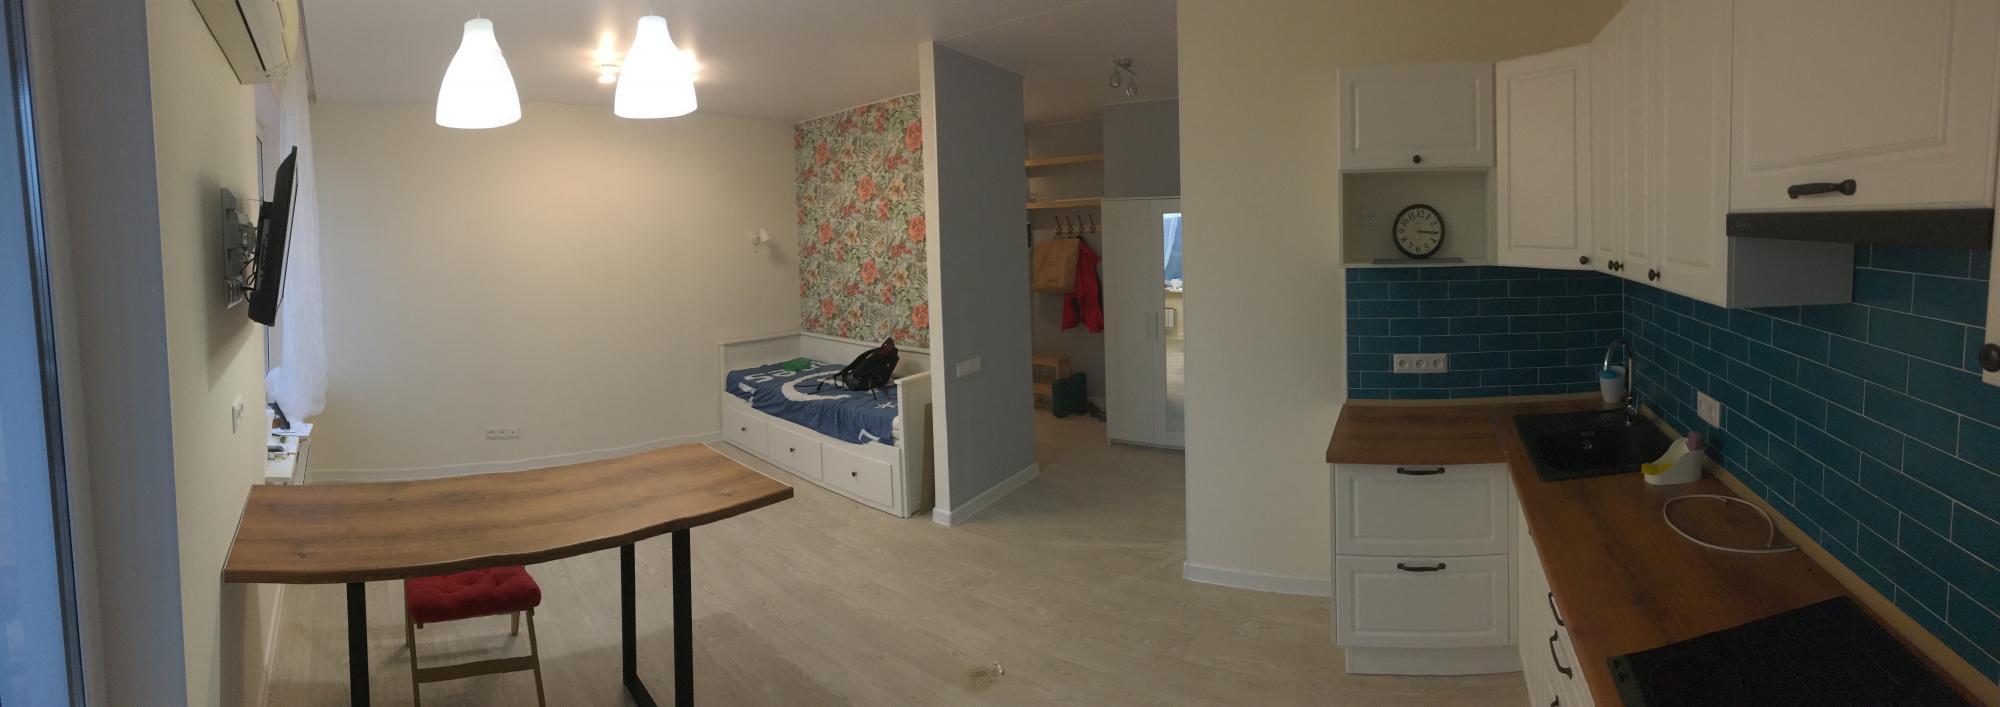 Apartment, Studio, 32 m2 89639952623 buy 4